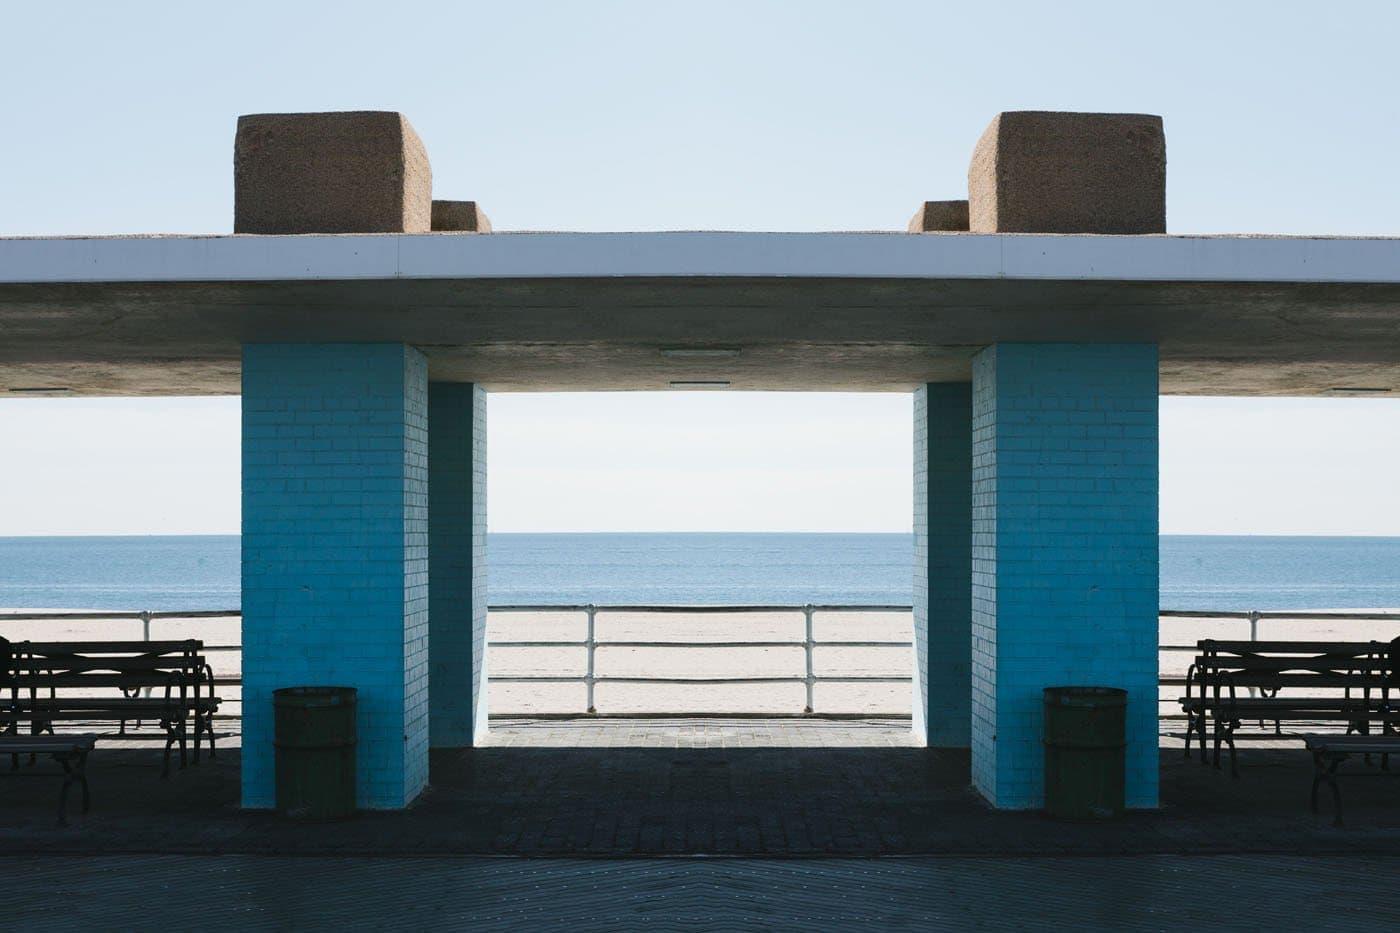 Coney Island - Adam van Noort